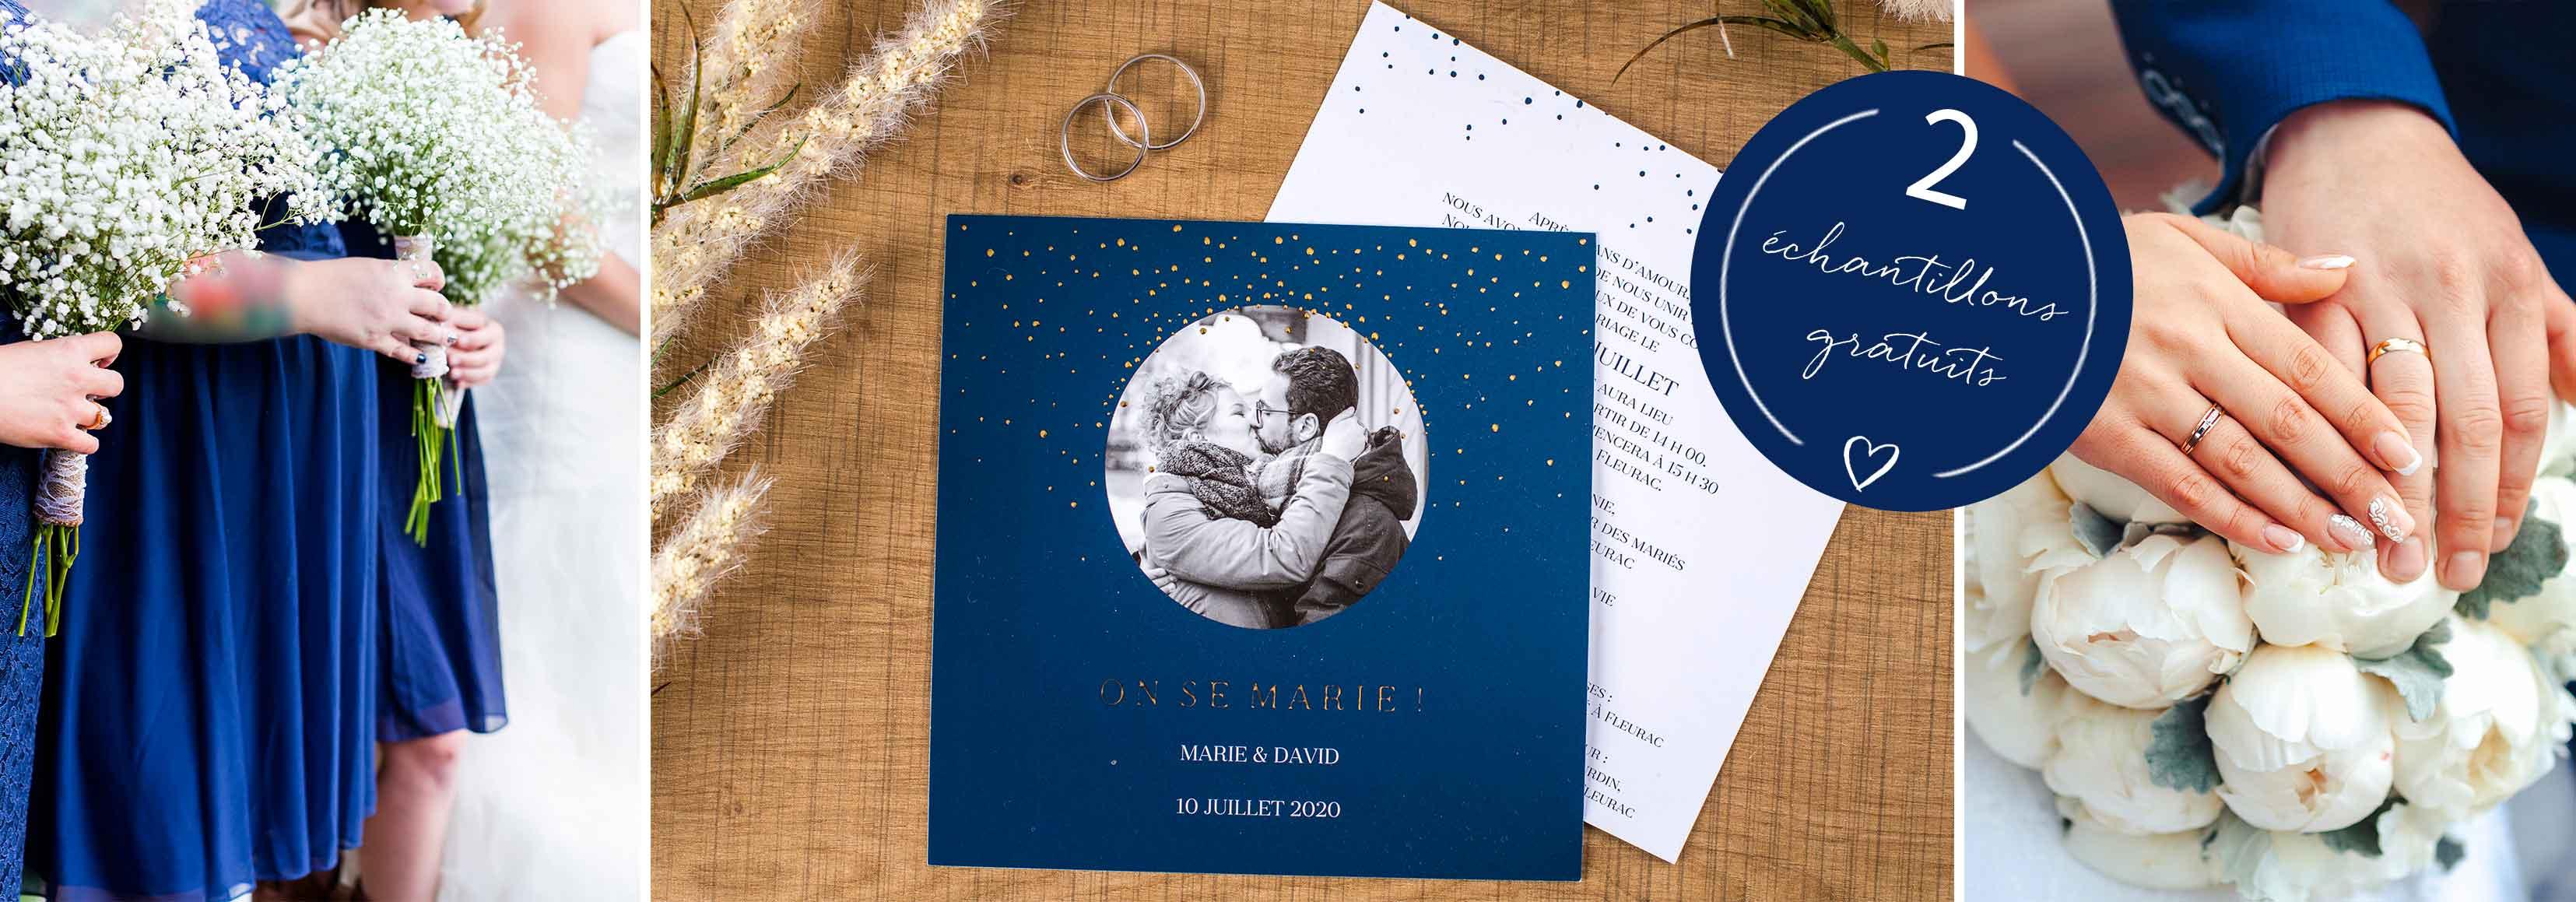 Faire-part mariage bleu